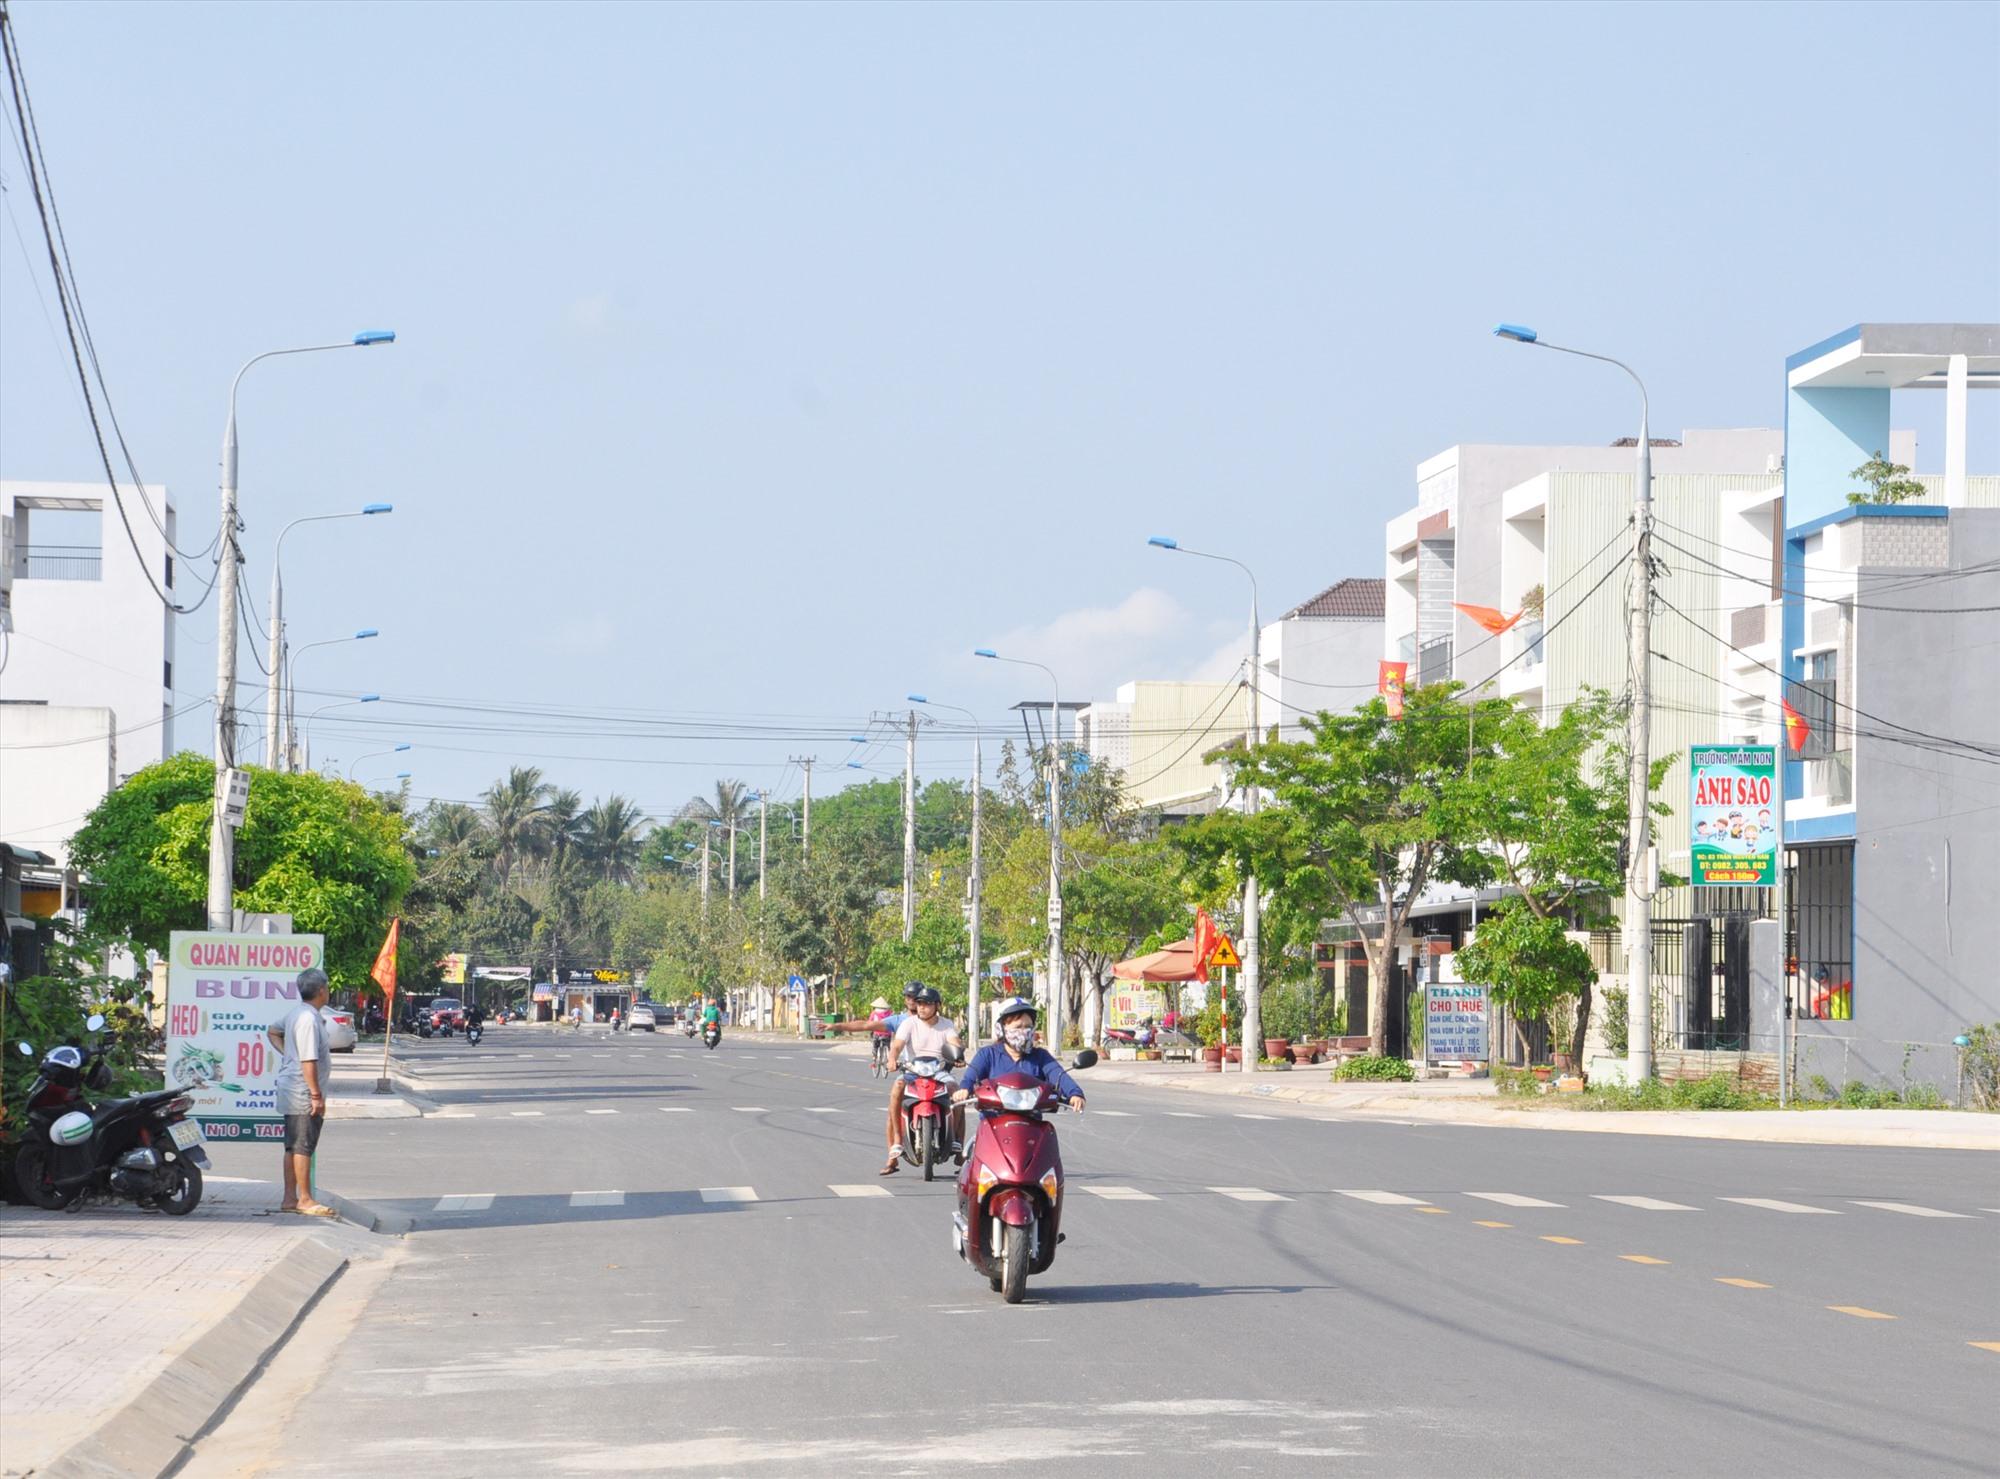 Đường N10 sau nhiều năm không triển khai nay đã hoàn thành khang trang, rộng rãi, góp phần tạo nên diện mạo mới cho đô thị. Ảnh: X.P